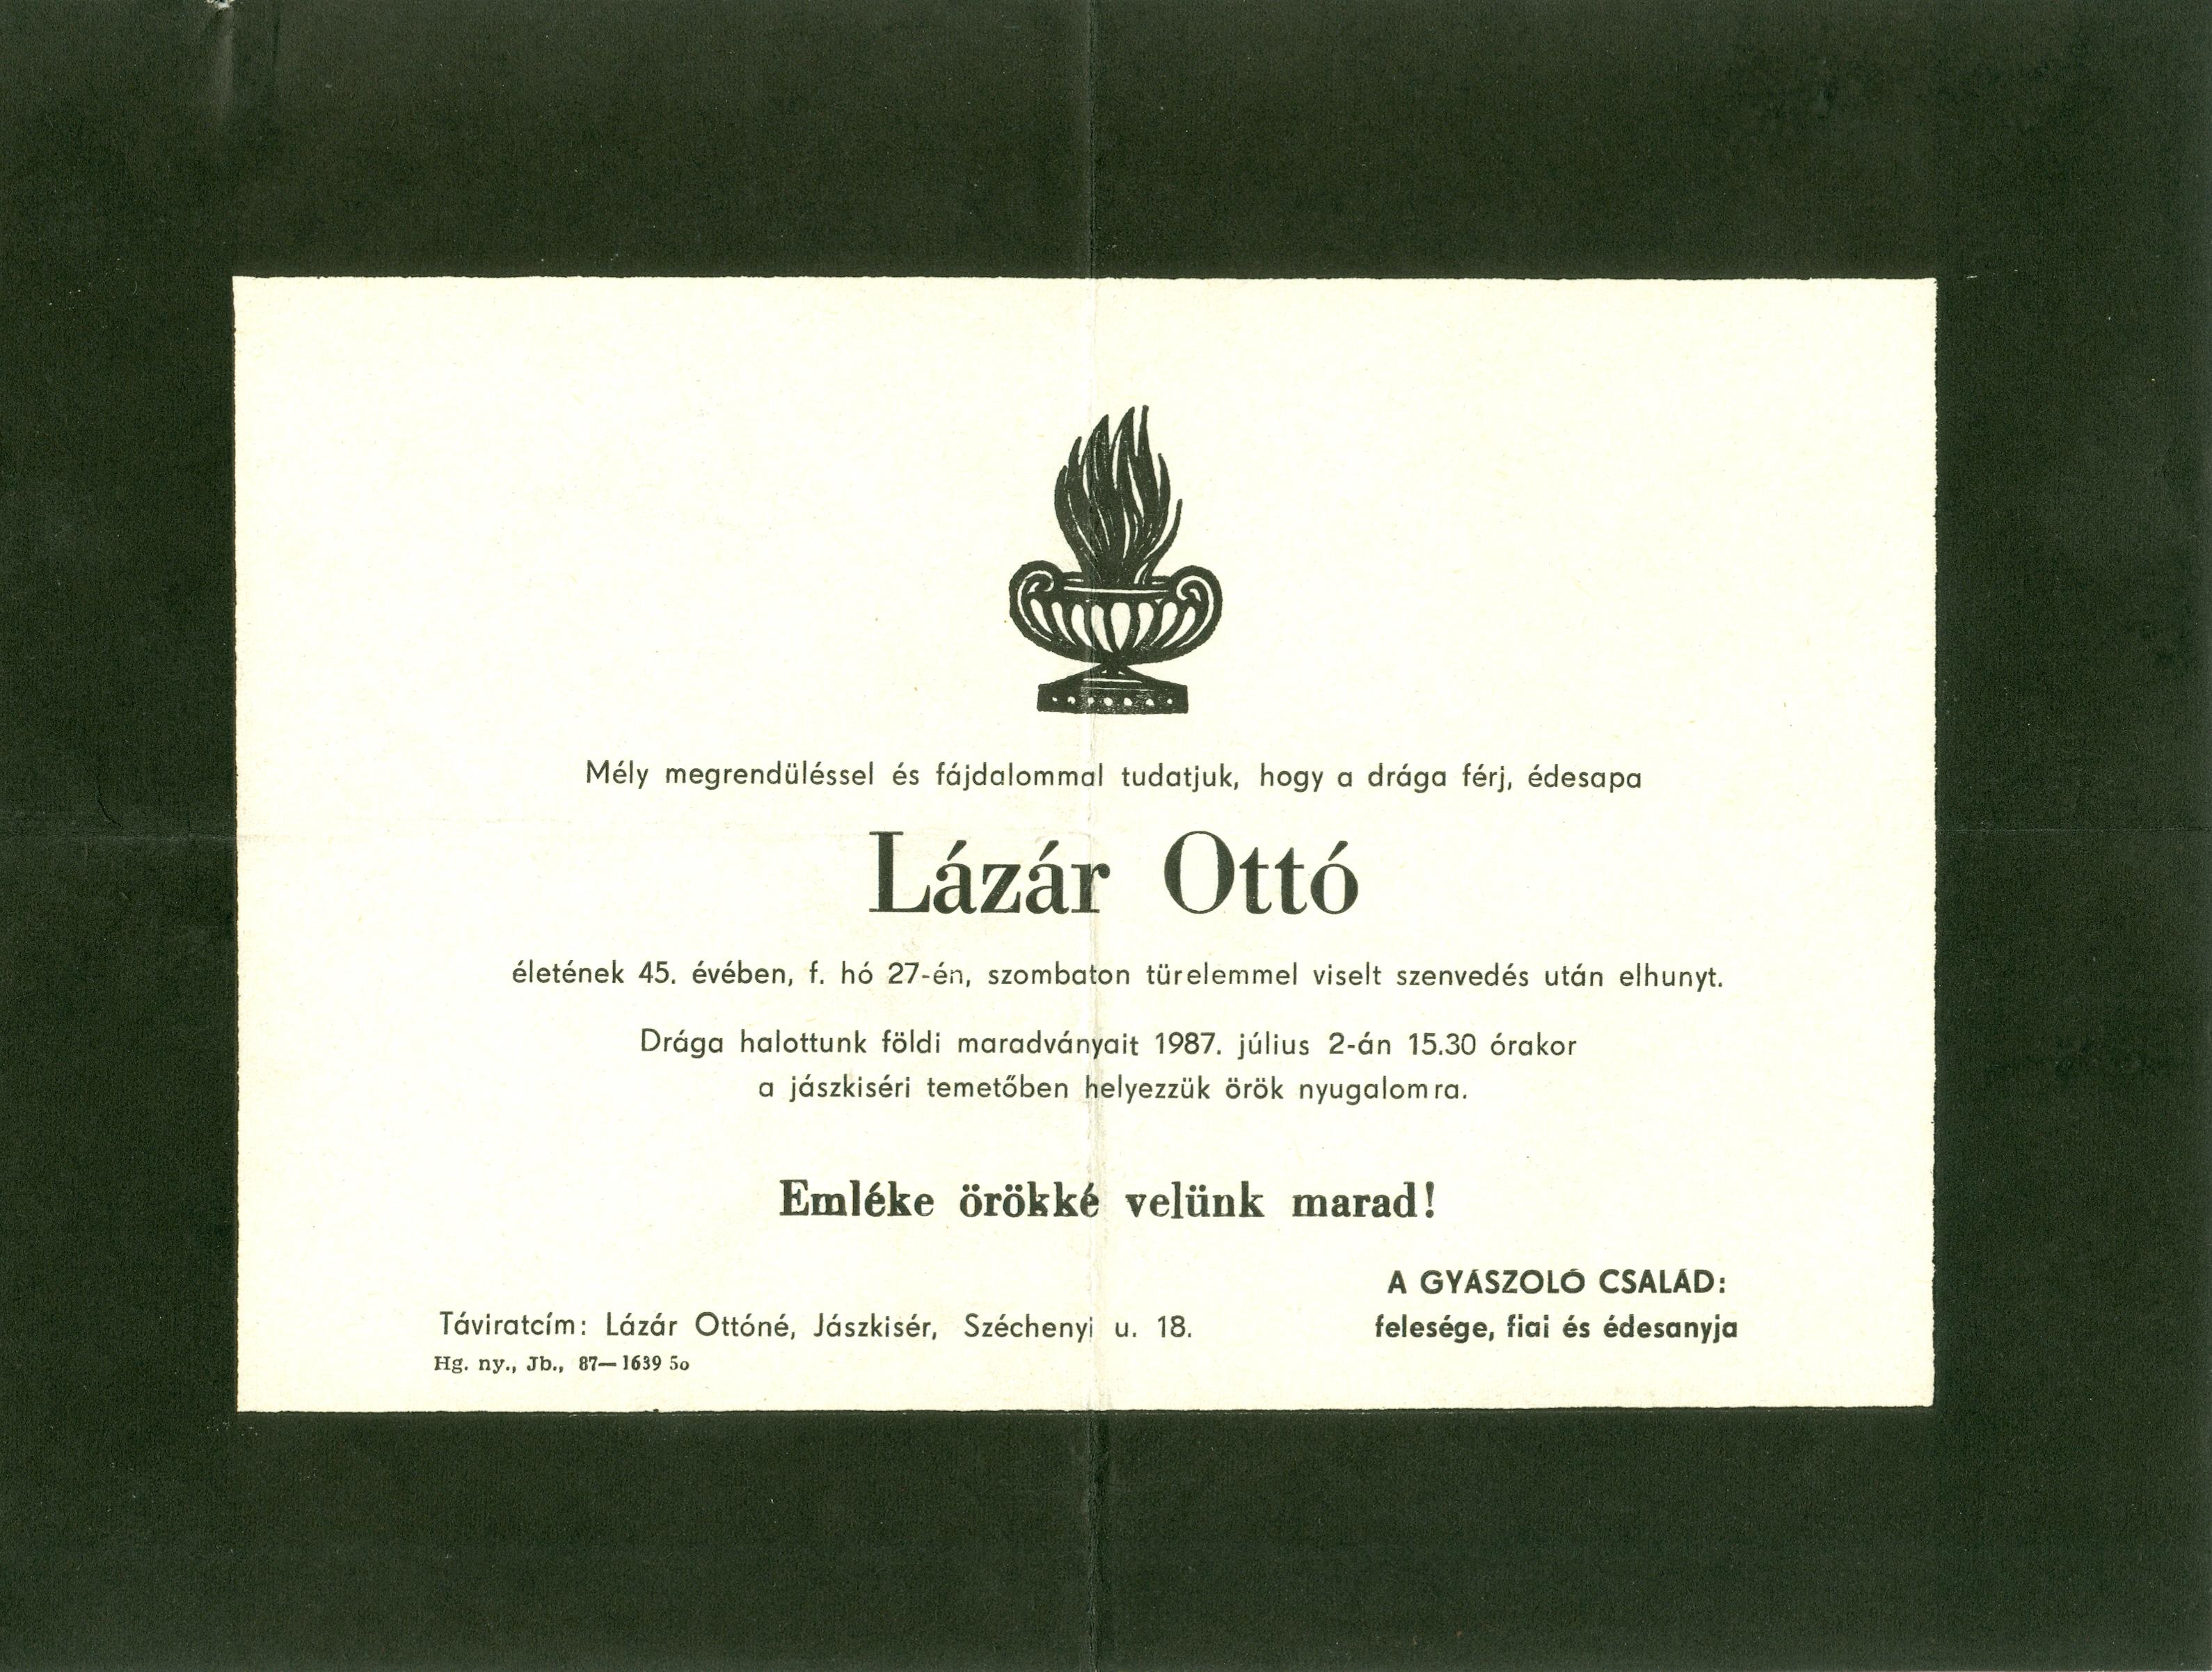 Lázár Ottó